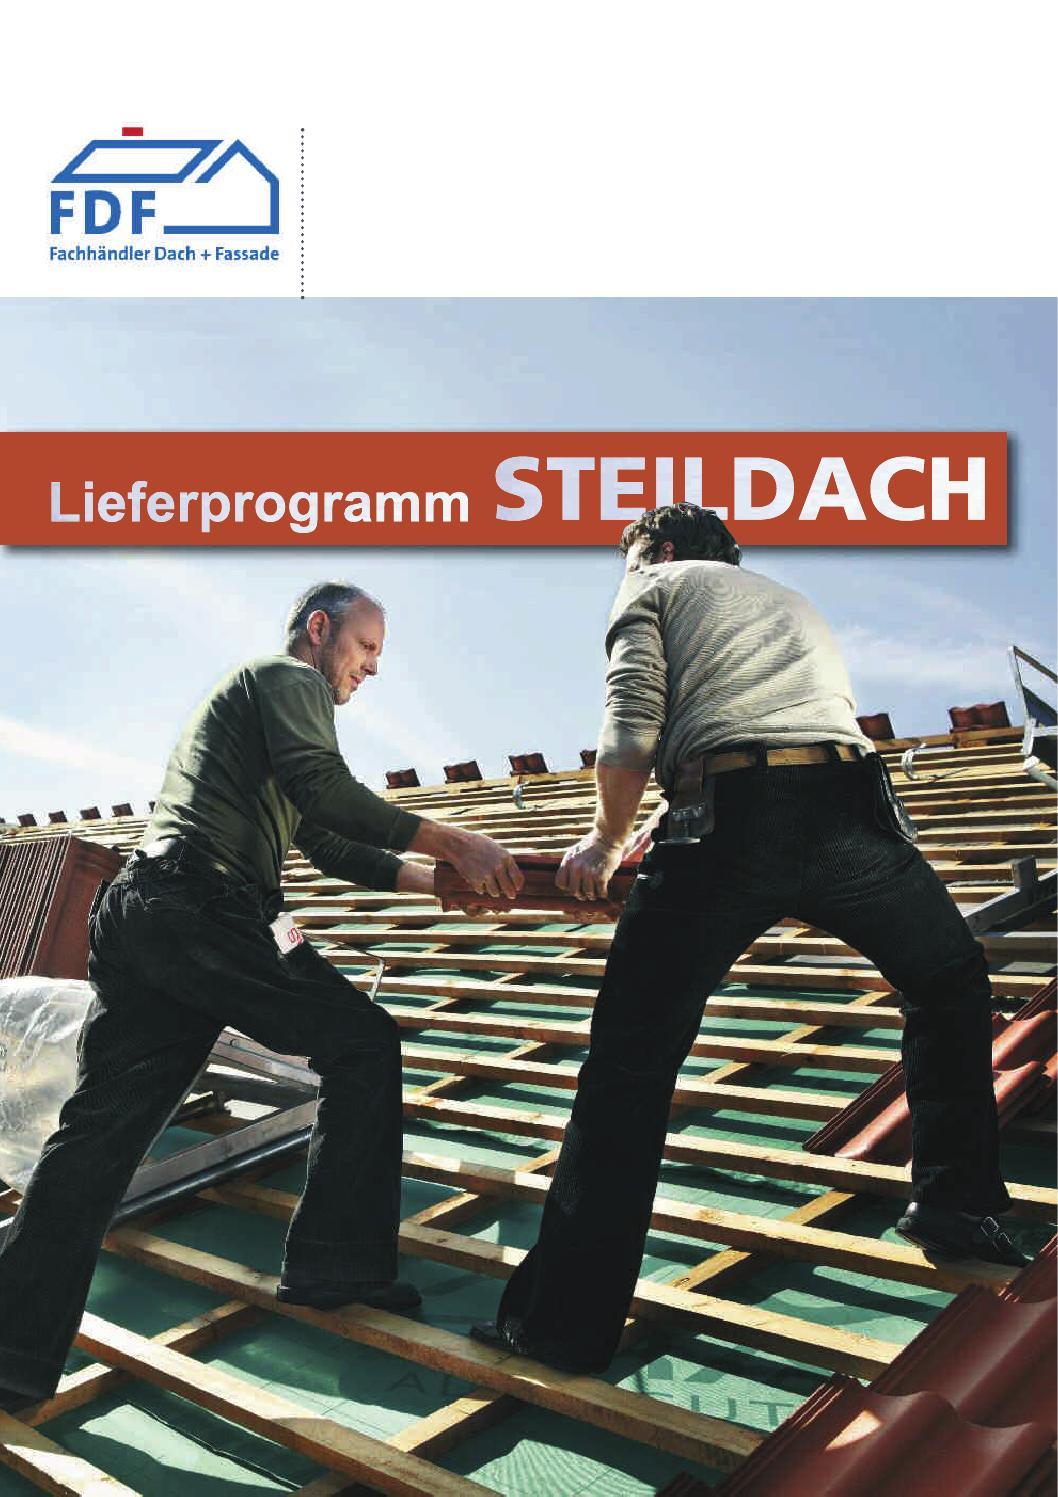 FDF Lieferprogramm Steildach by KRAWANY - issuu